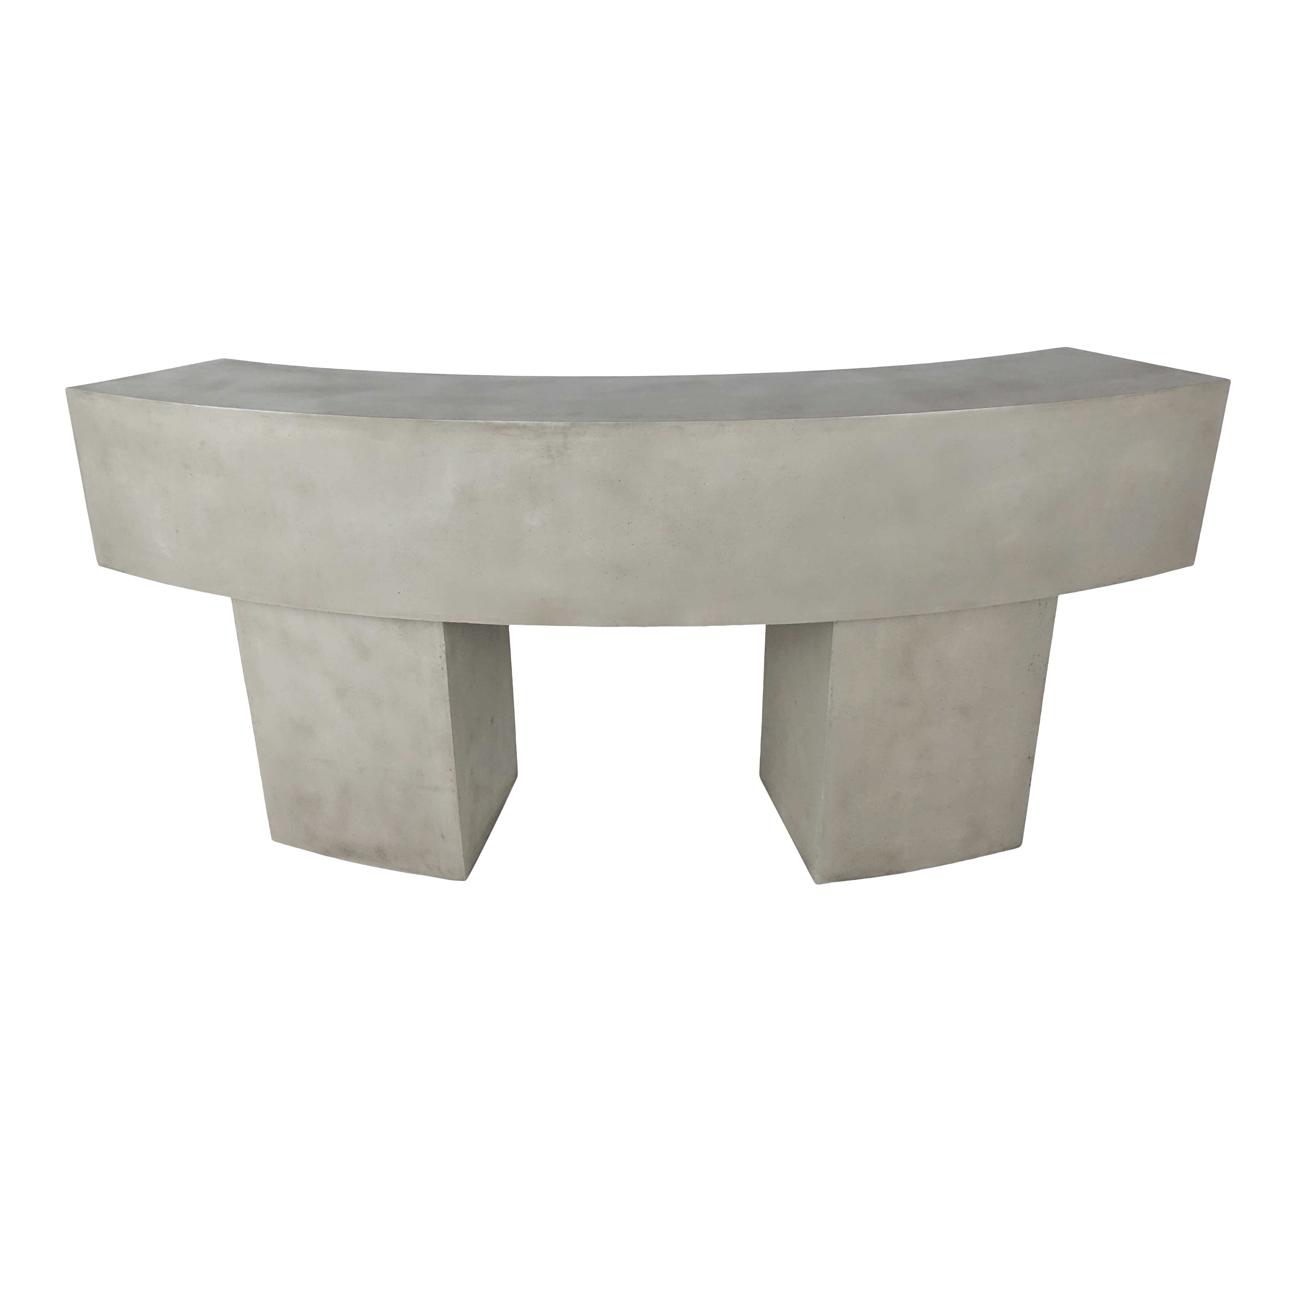 BAR TABLE CURVER 225X82X103 D/GREY CEMENT 609690